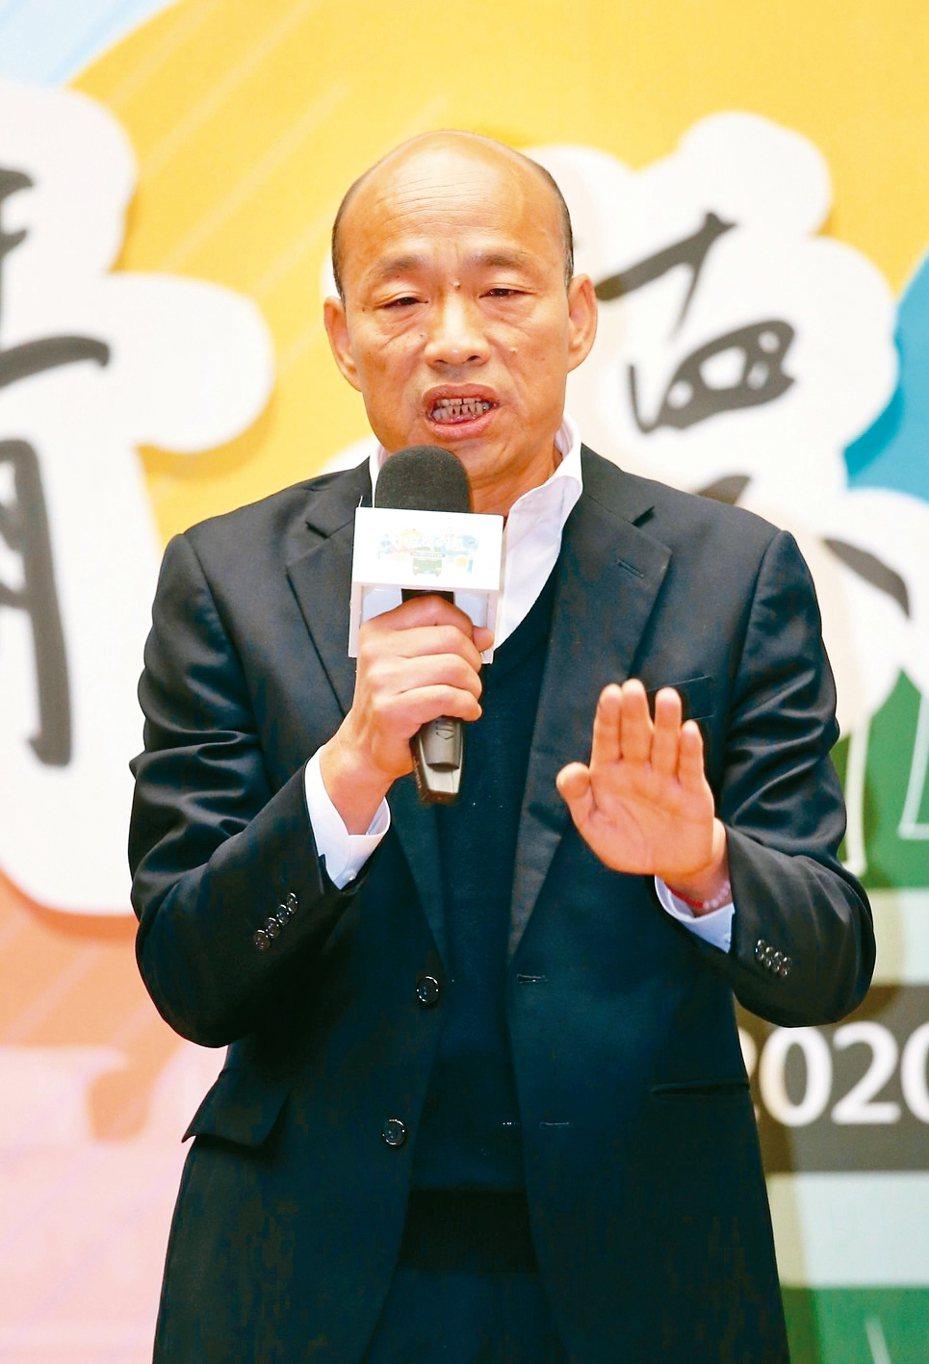 國民黨總統候選人韓國瑜昨出席總統大選青年論壇。 記者許正宏/攝影